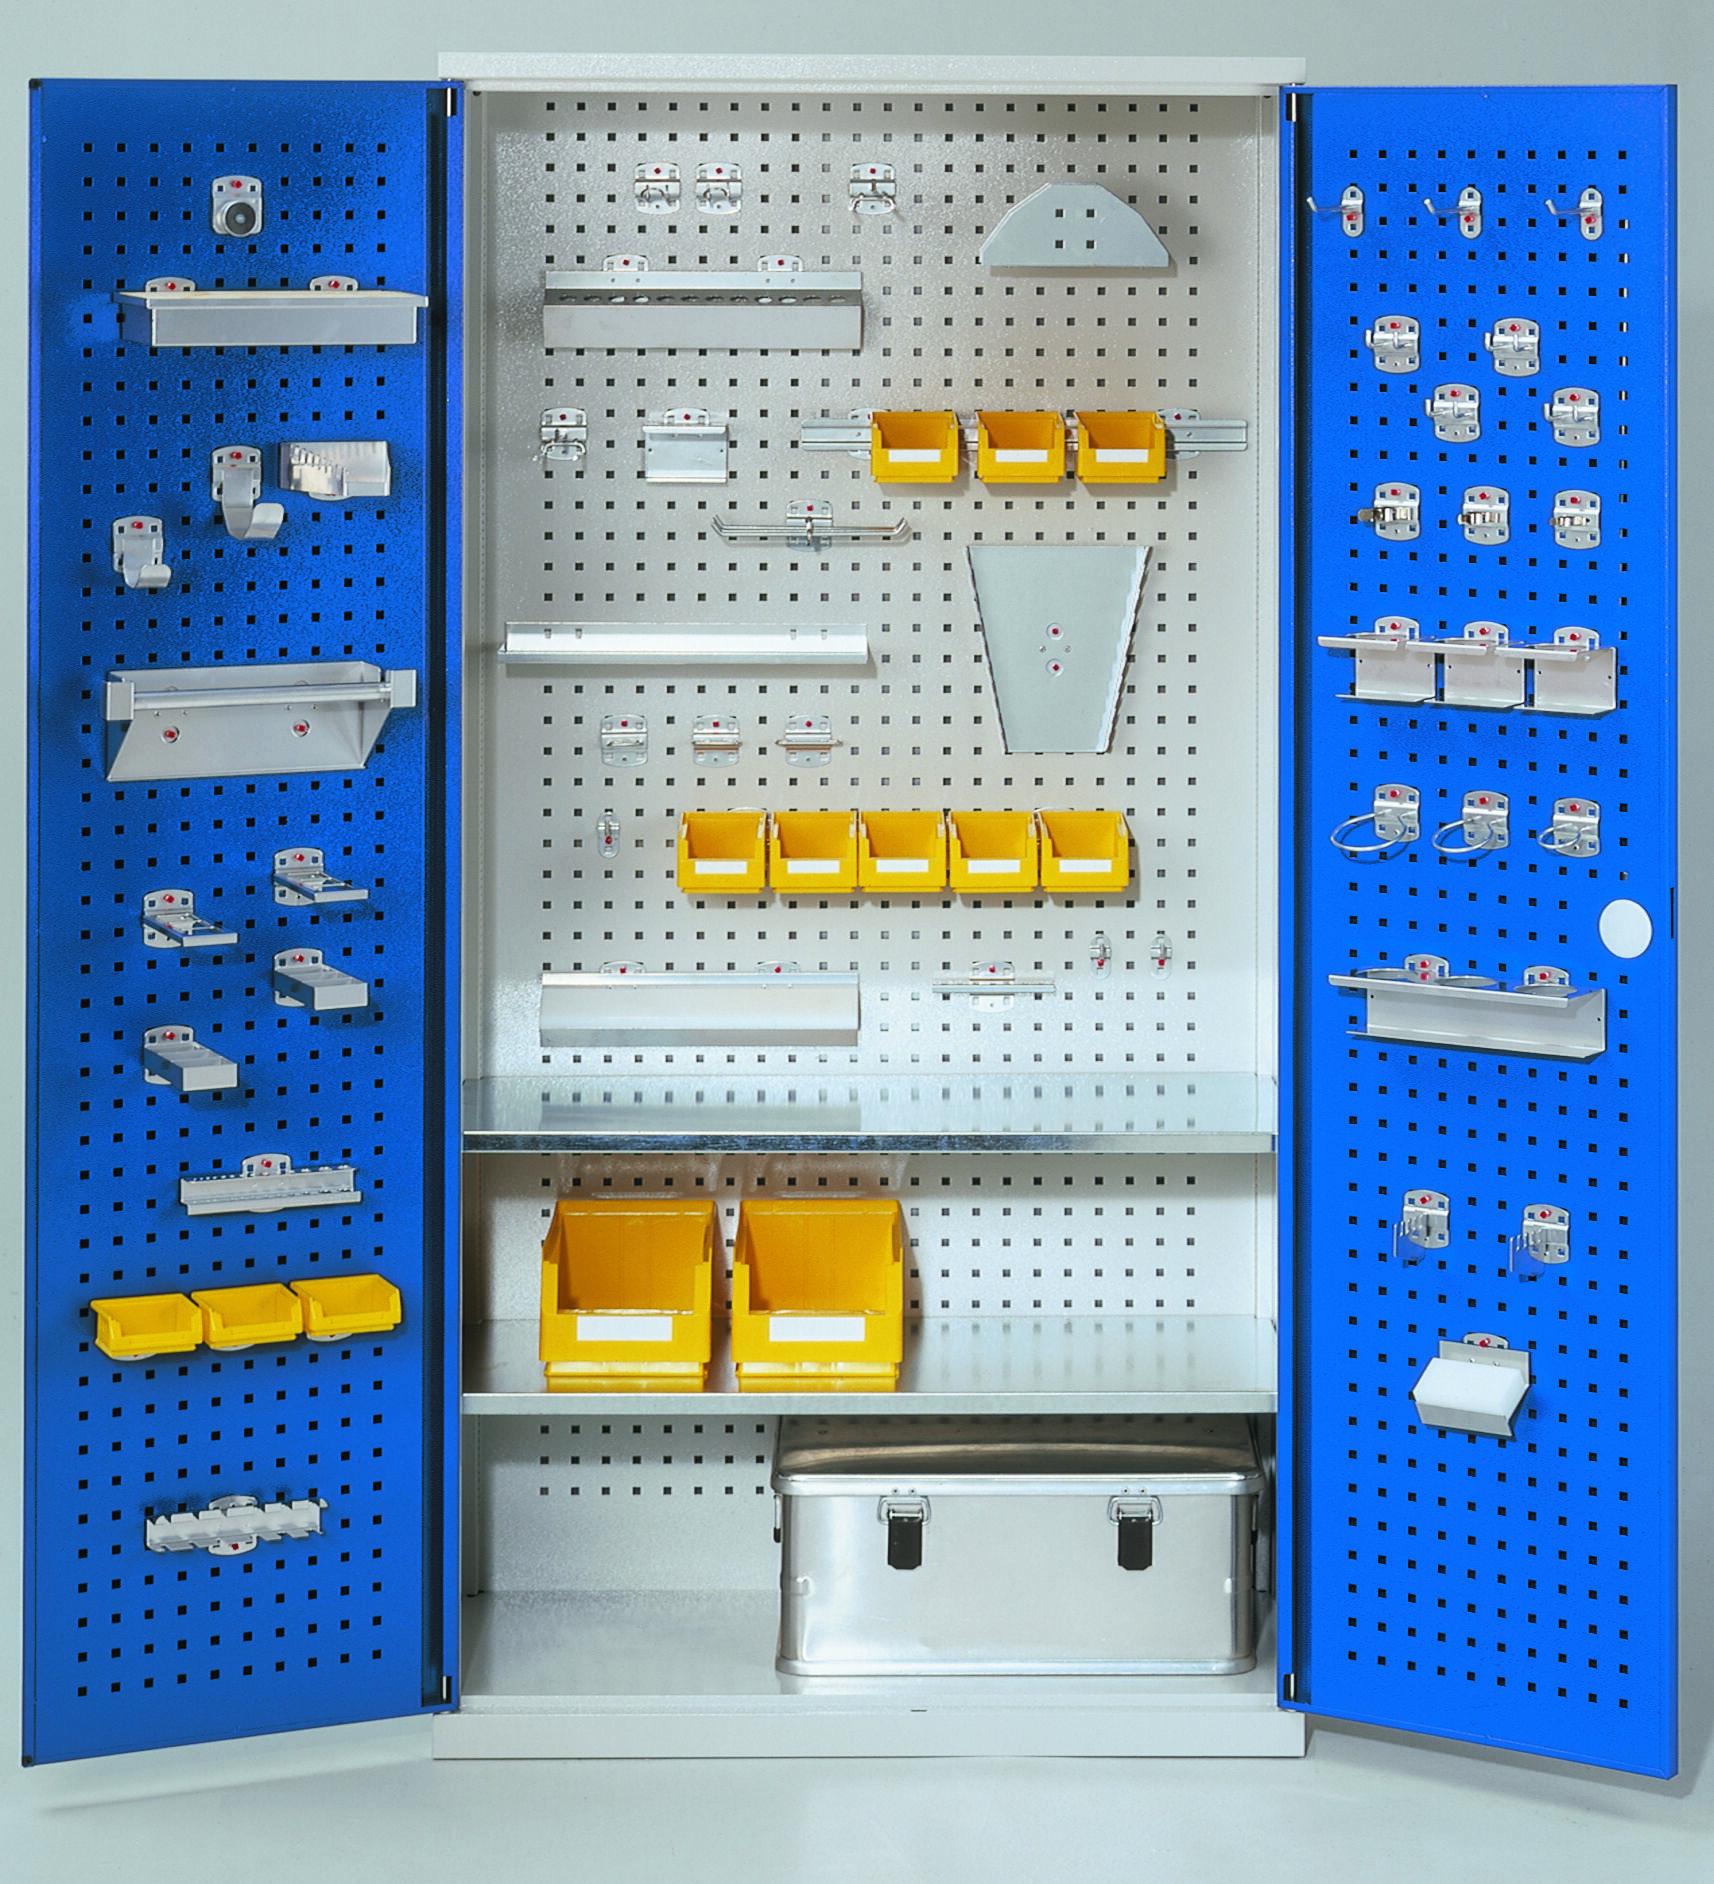 Werkzeugschrank online kaufen | Padberg + Palatec Shop